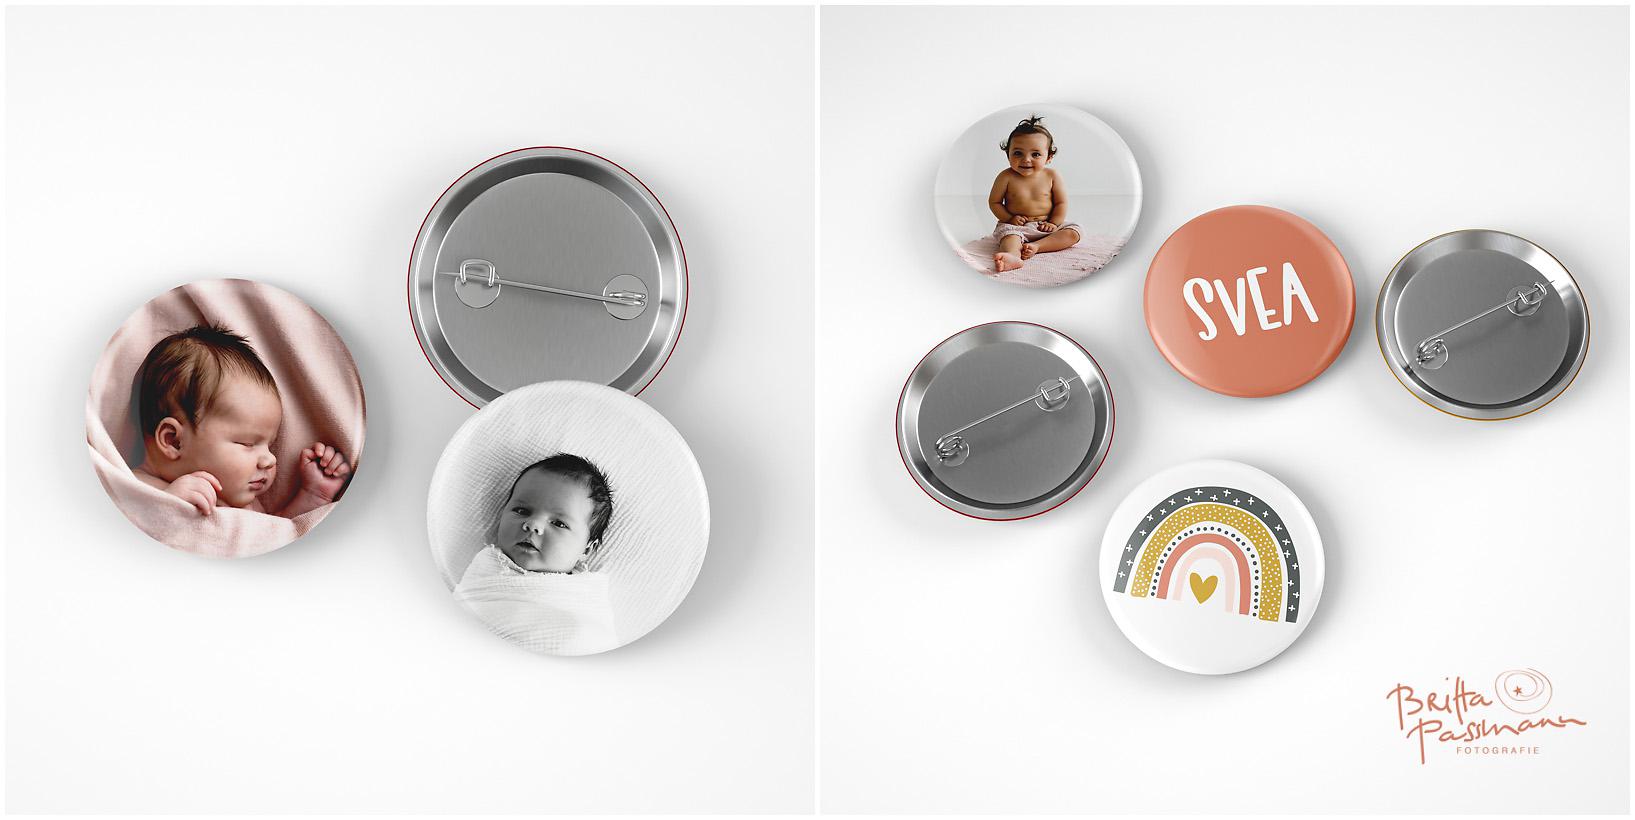 Geschenke-zu-Weihnachten-Mitbringsel-personalisiert- Buttons-Pins-Britta-Passmann-Fotografie-Dortmund-Weihnachtsgeschenk